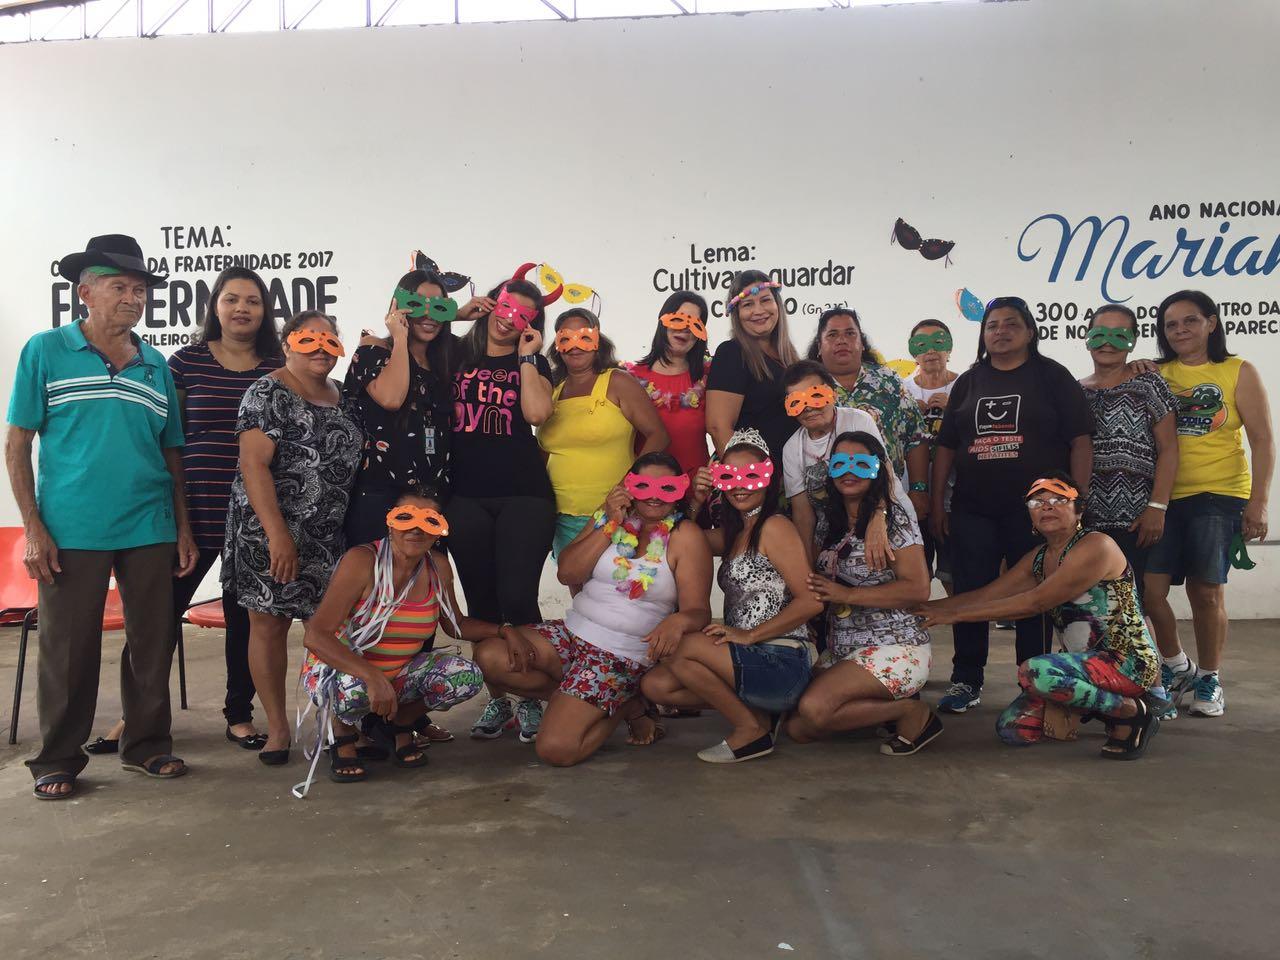 Equipe de saúde (Nasf) realiza evento de carnaval no Bairro São José – módulo6